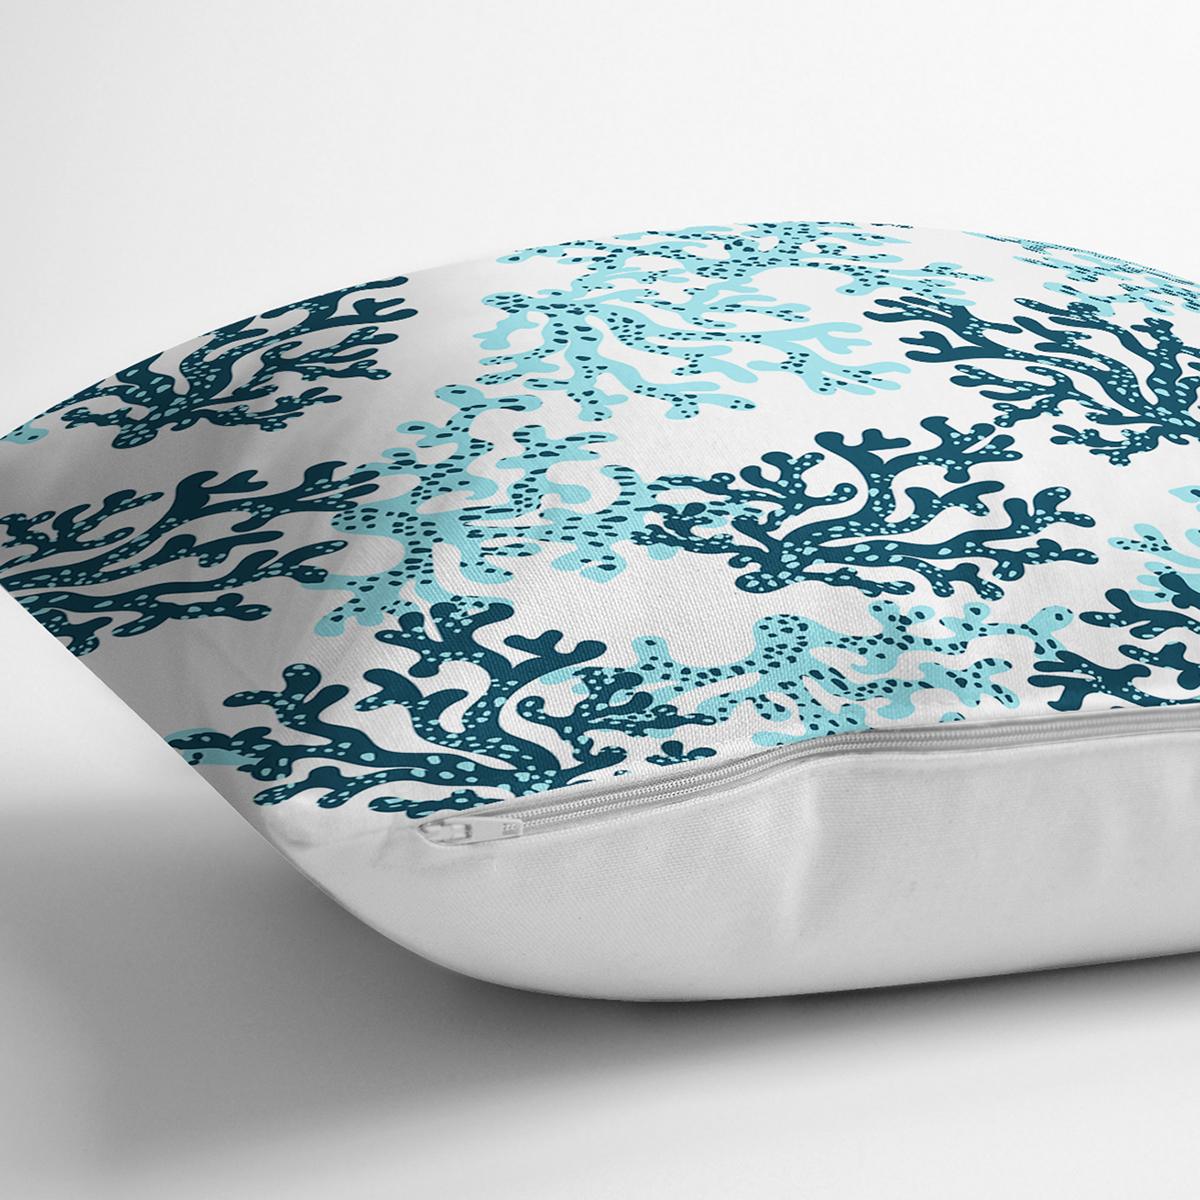 Beyaz Zemin Üzerinde Renkli Deniz Otu Desenli Dijital Baskılı Modern Yastık Kılıfı Realhomes